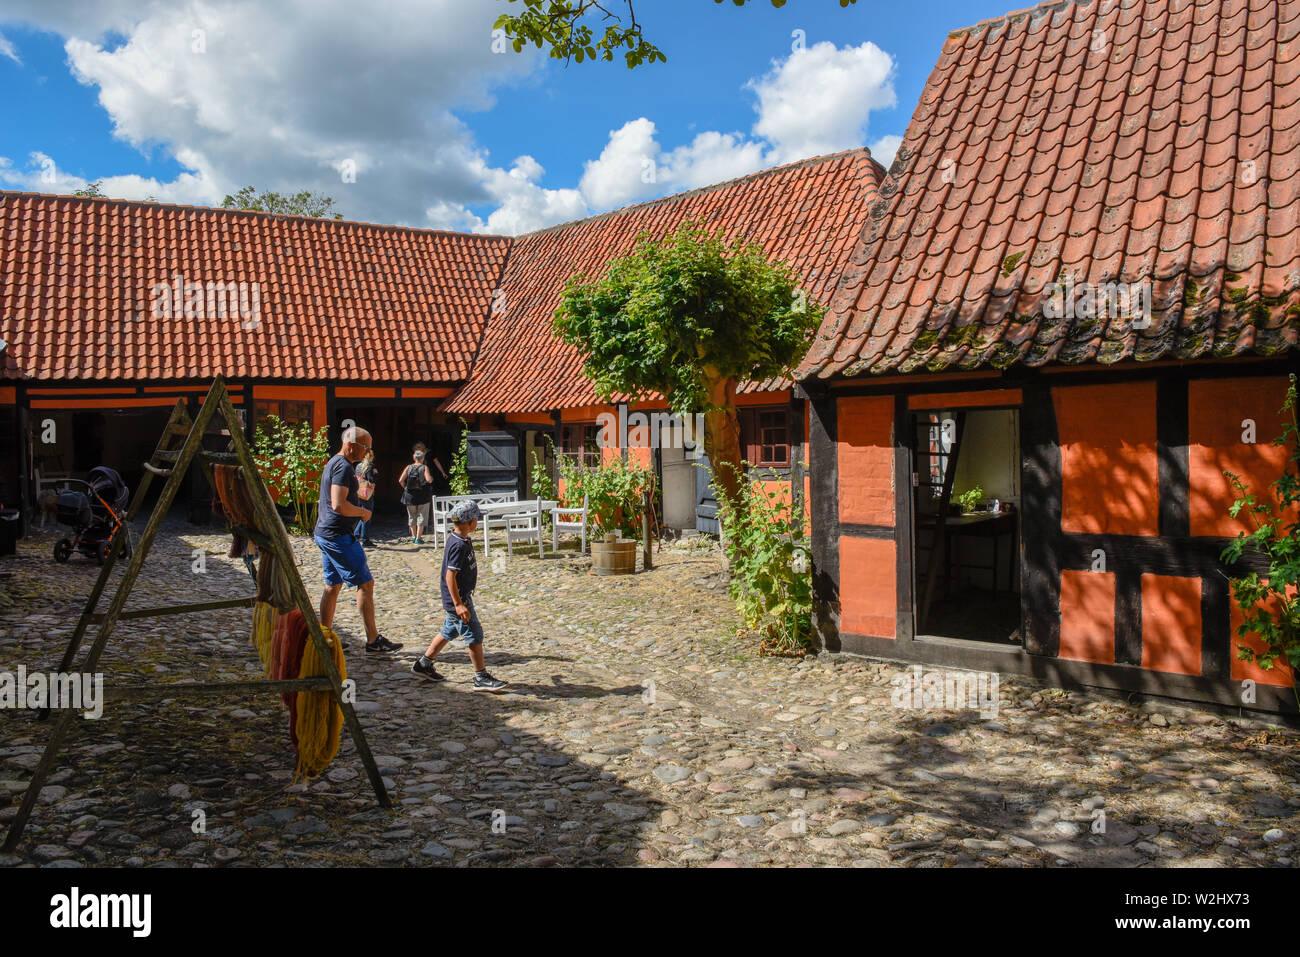 Ebeltoft, Denmark - 22 June 2019: the traditional historic village of Ebeltoft on Jutland in Denmark Stock Photo